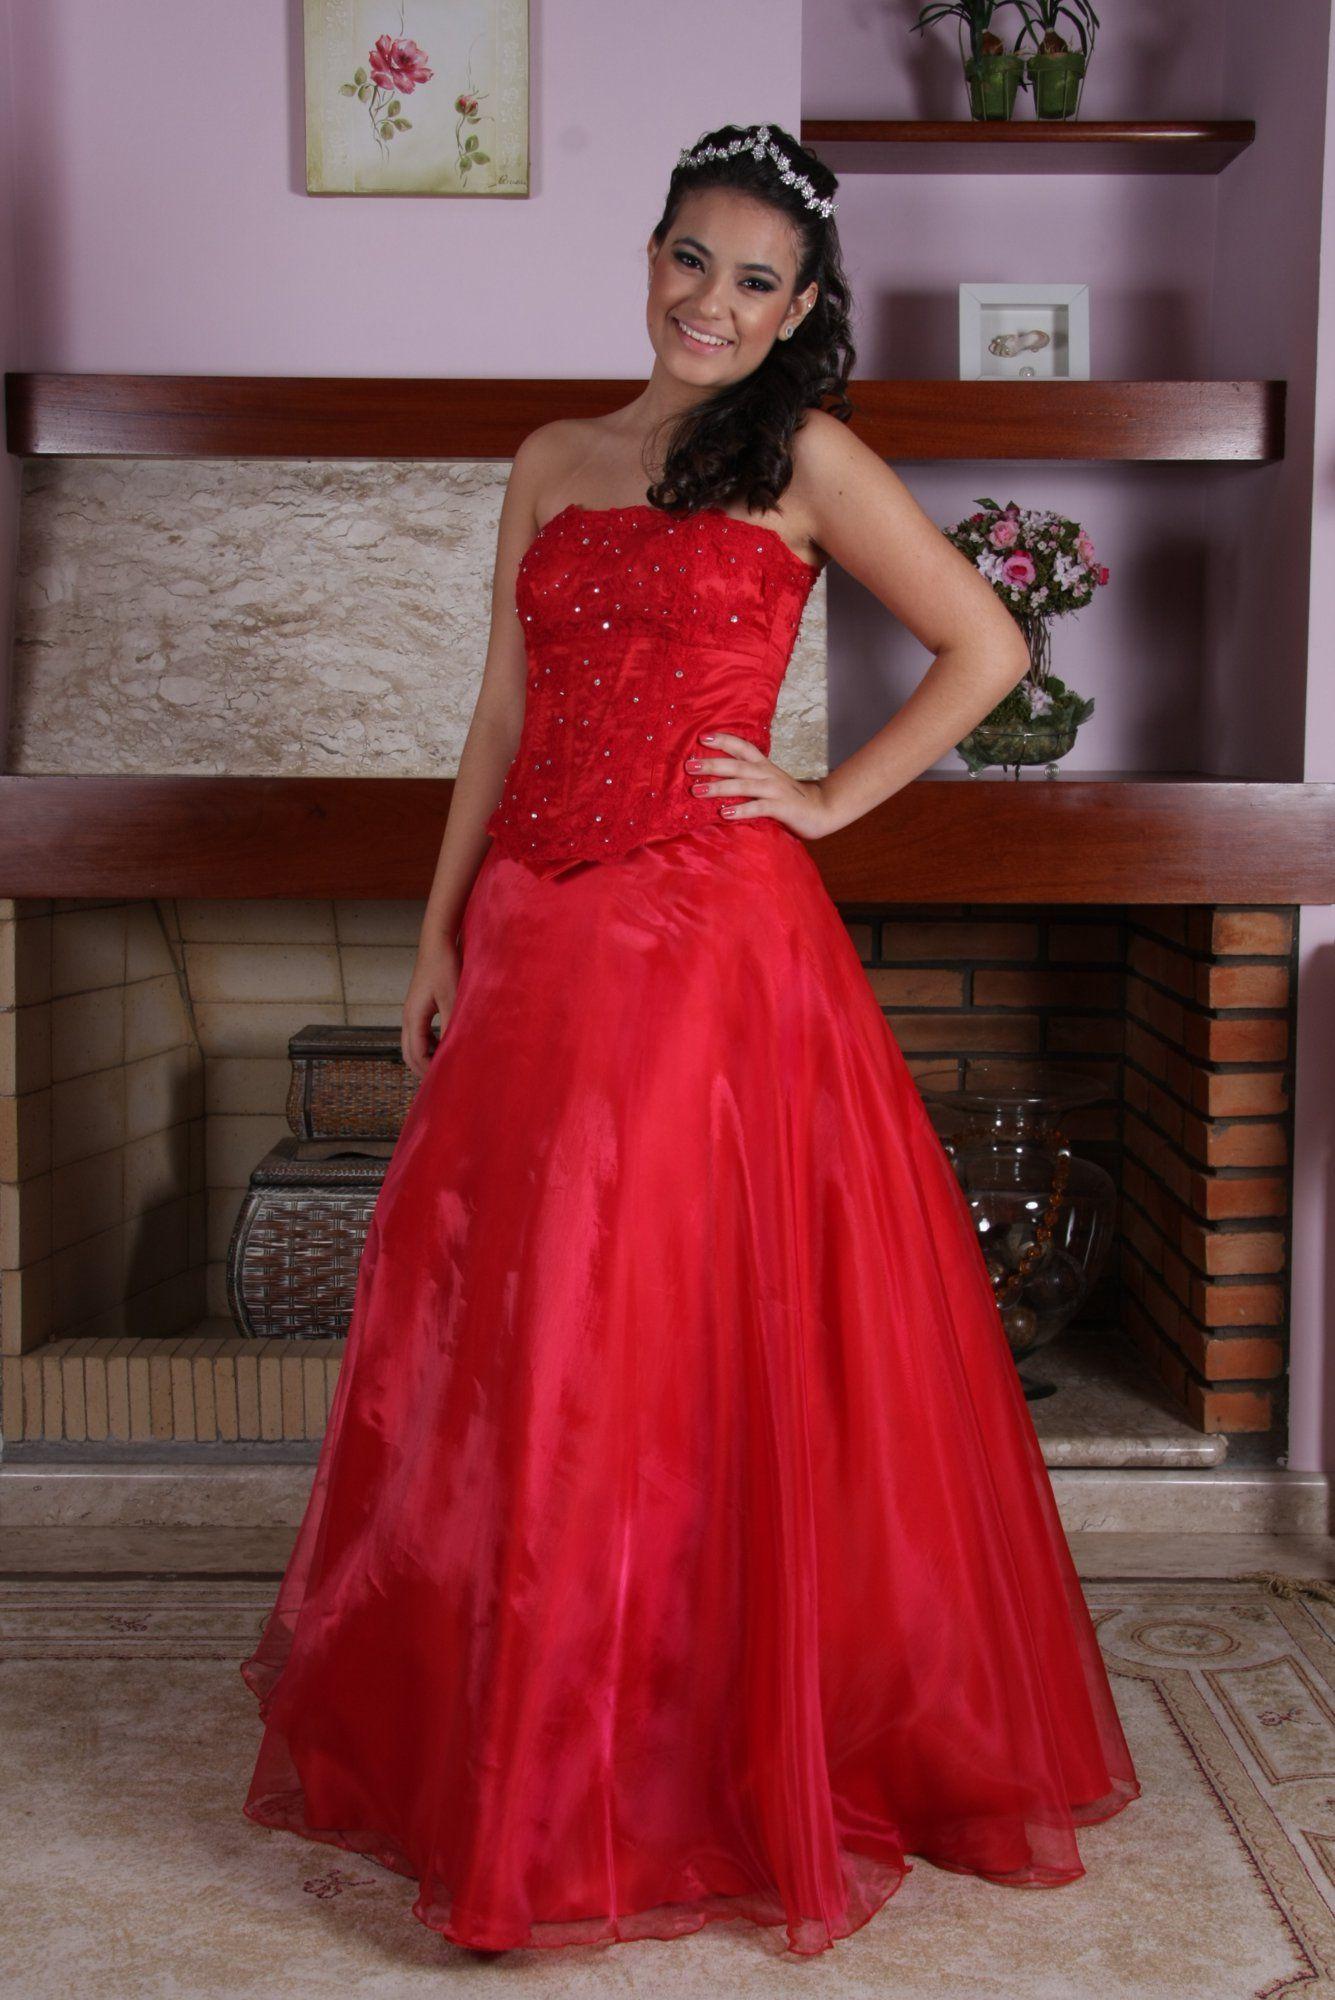 Vestido de Debutante Vermelho - 13 - Hipnose Alta Costura e Spa para Noivas e Noivos - Campinas - SP Vestido de Debutante, Vestido de Debutante Vermelho, Hipnose Alta Costura